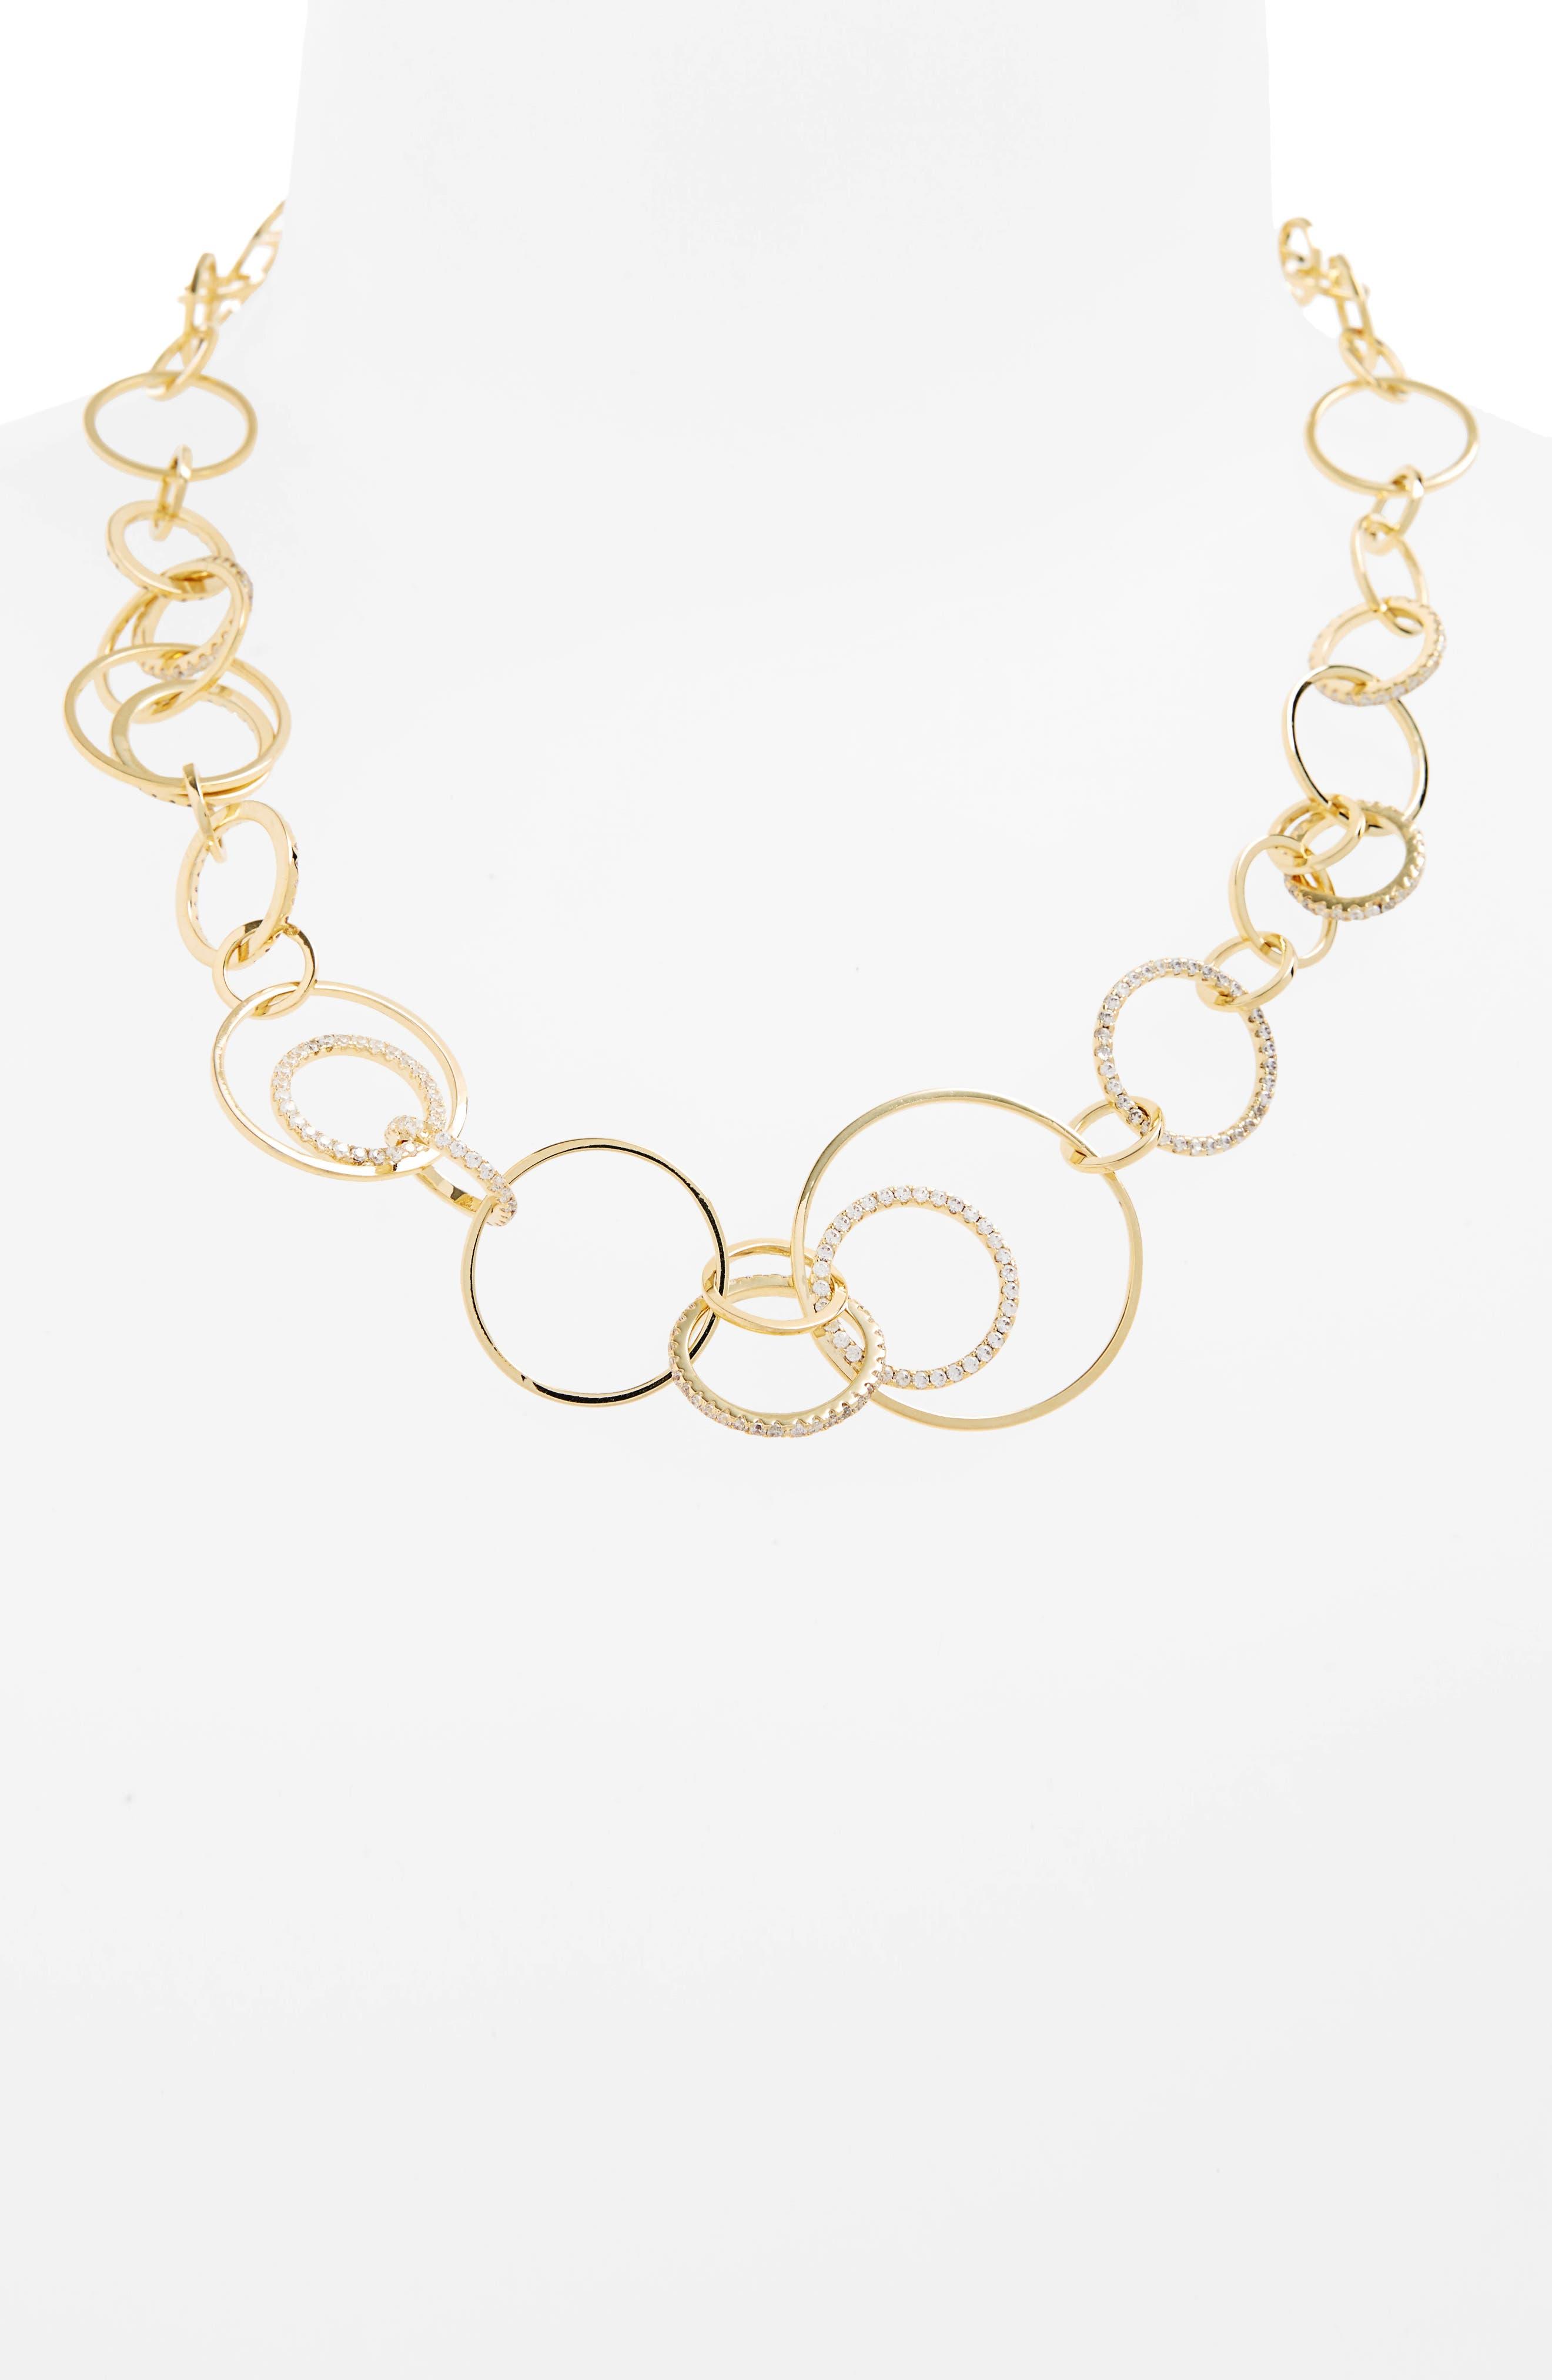 Sarah Cubic Zirconia Collar Necklace,                         Main,                         color, Gold